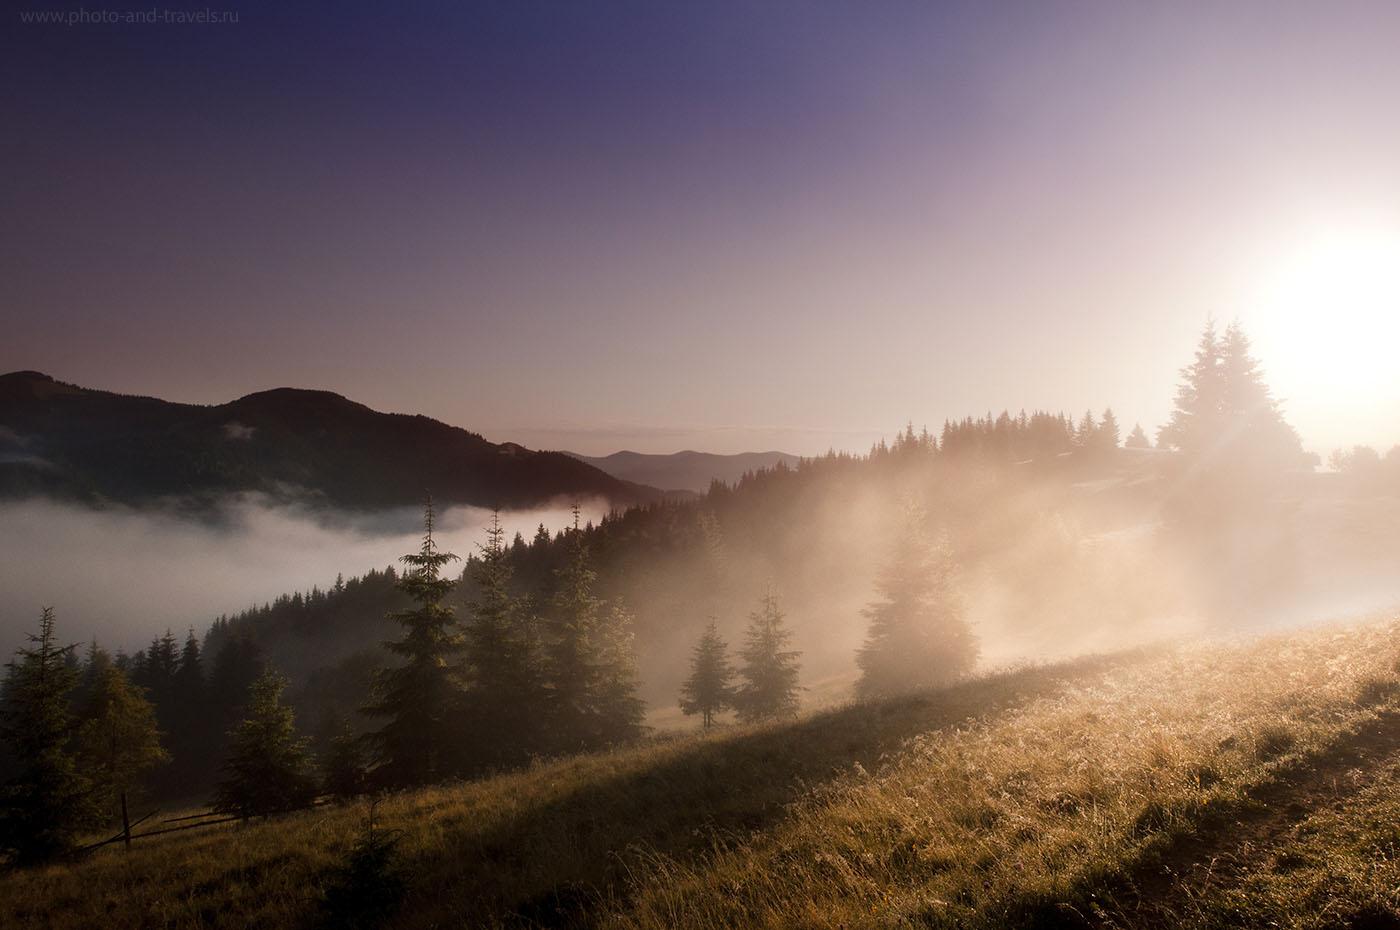 26. Рассвет в горах. Поможет ли нам новый фотоаппарат, если мы не умеем видеть кадр? Пример съемки на старенькую зеркалку Nikon D90 с объективом Tamron 10-24mm f/3.5-4.5 (1/1000, -0.67, f/10, 14, 200)